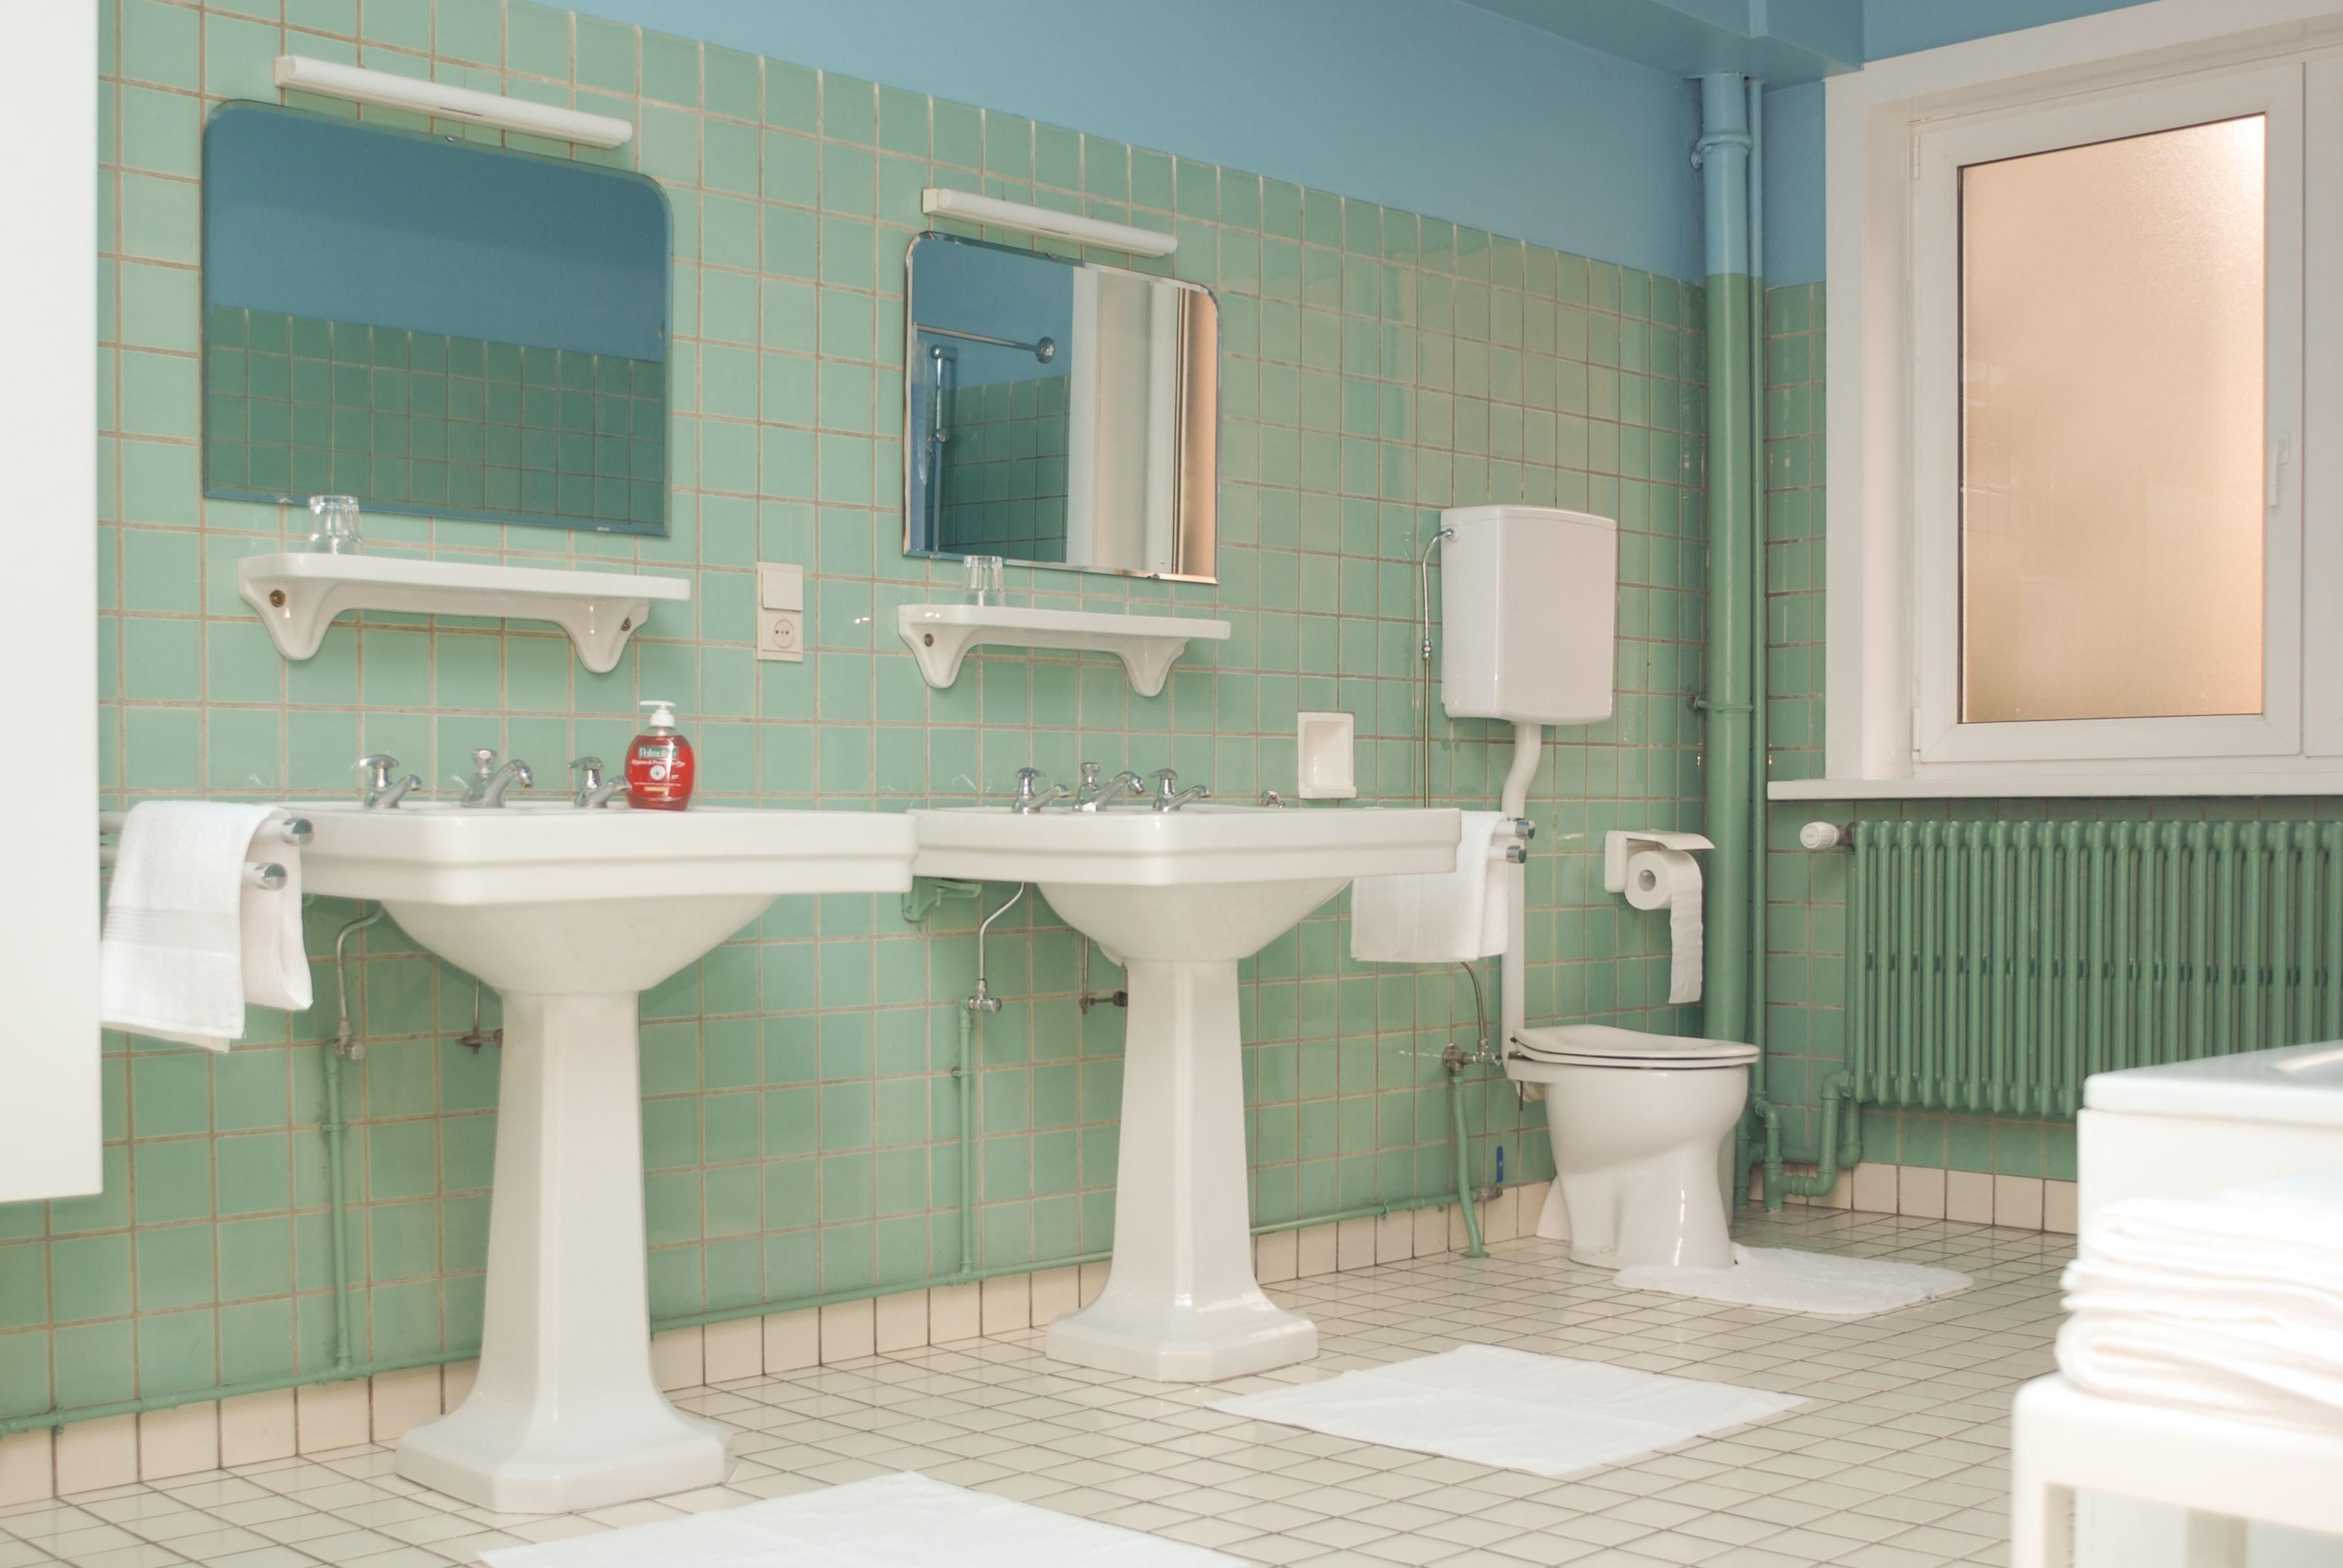 Badkamer jaren 50 stijl - Deco toilet grijs ...